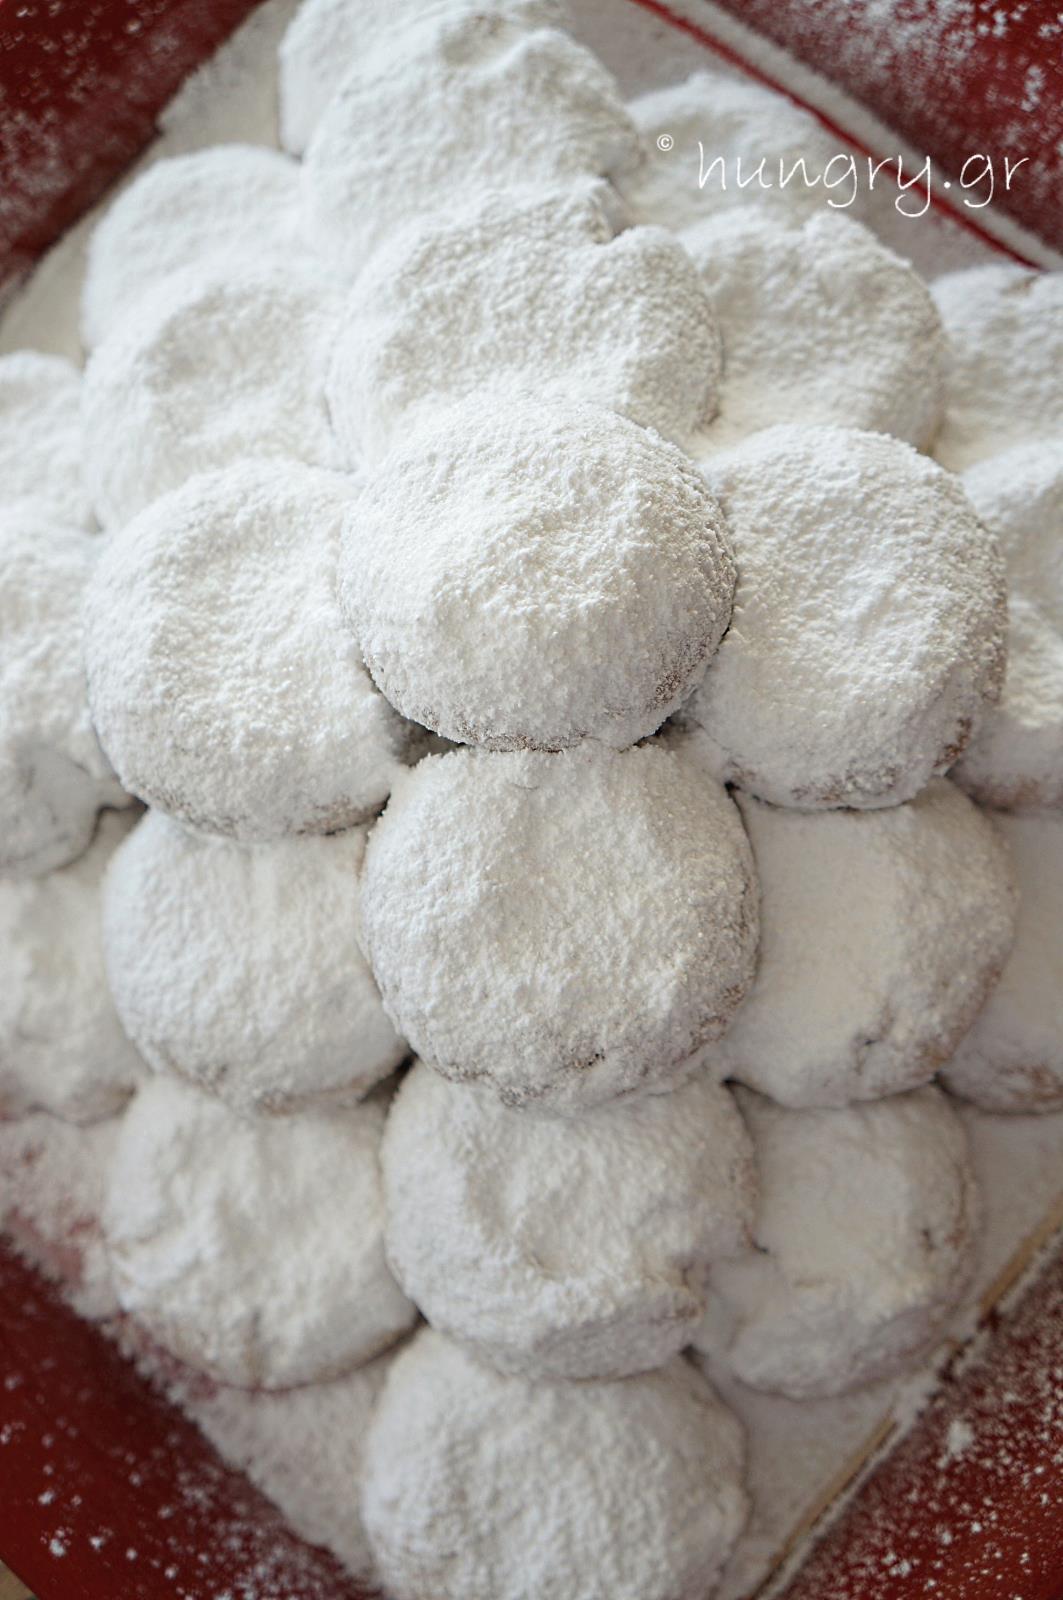 Kitchen Stories  Kourabiedes  Greek Christmas Butter Cookies